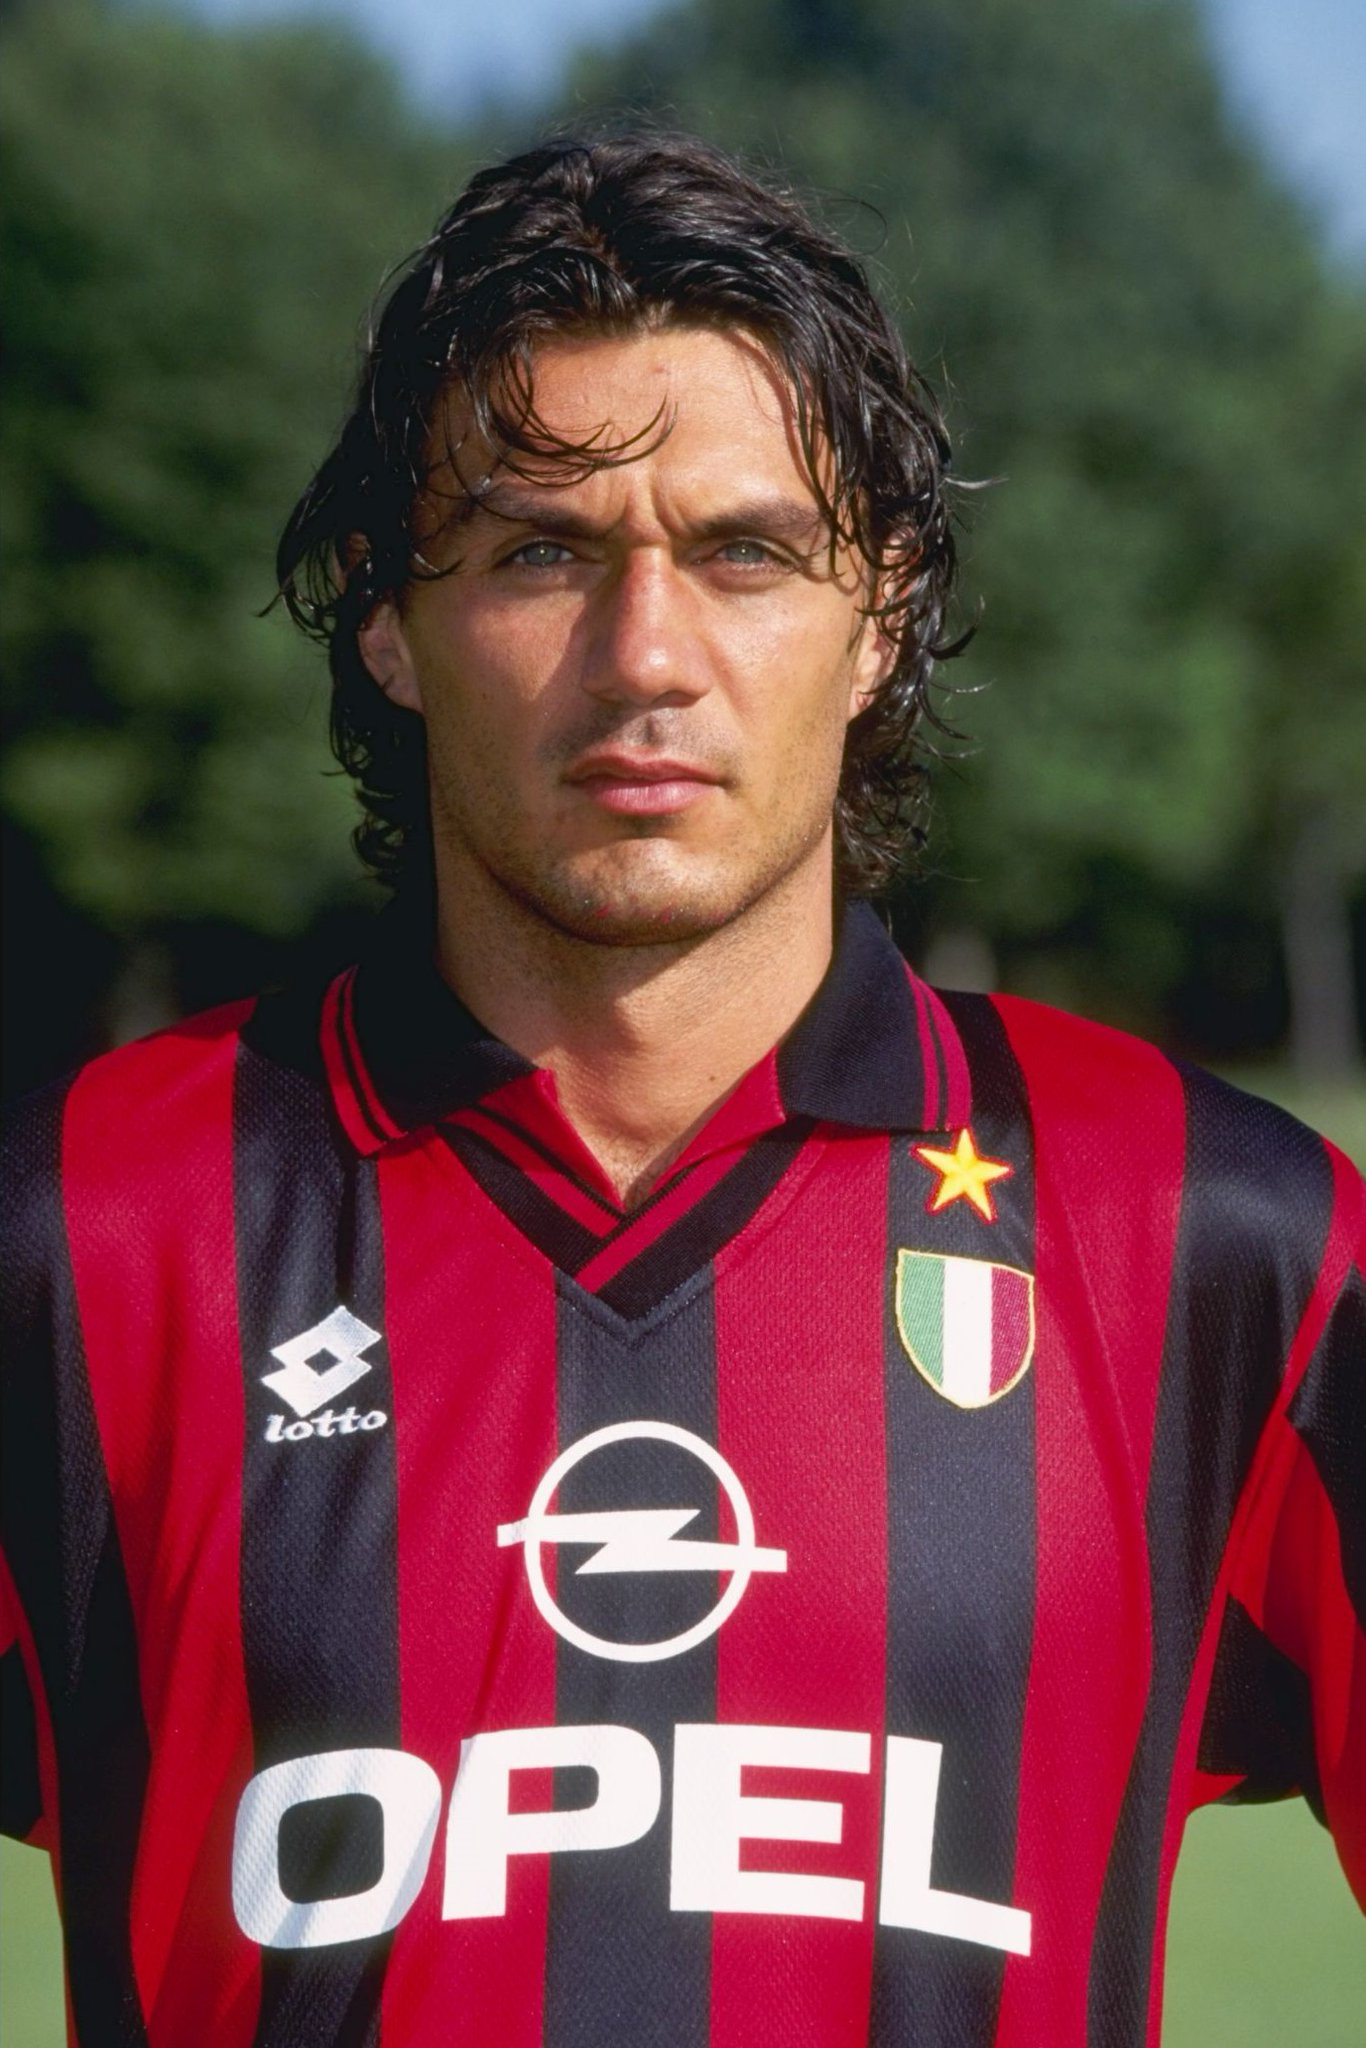 Milan - Paolo Maldini